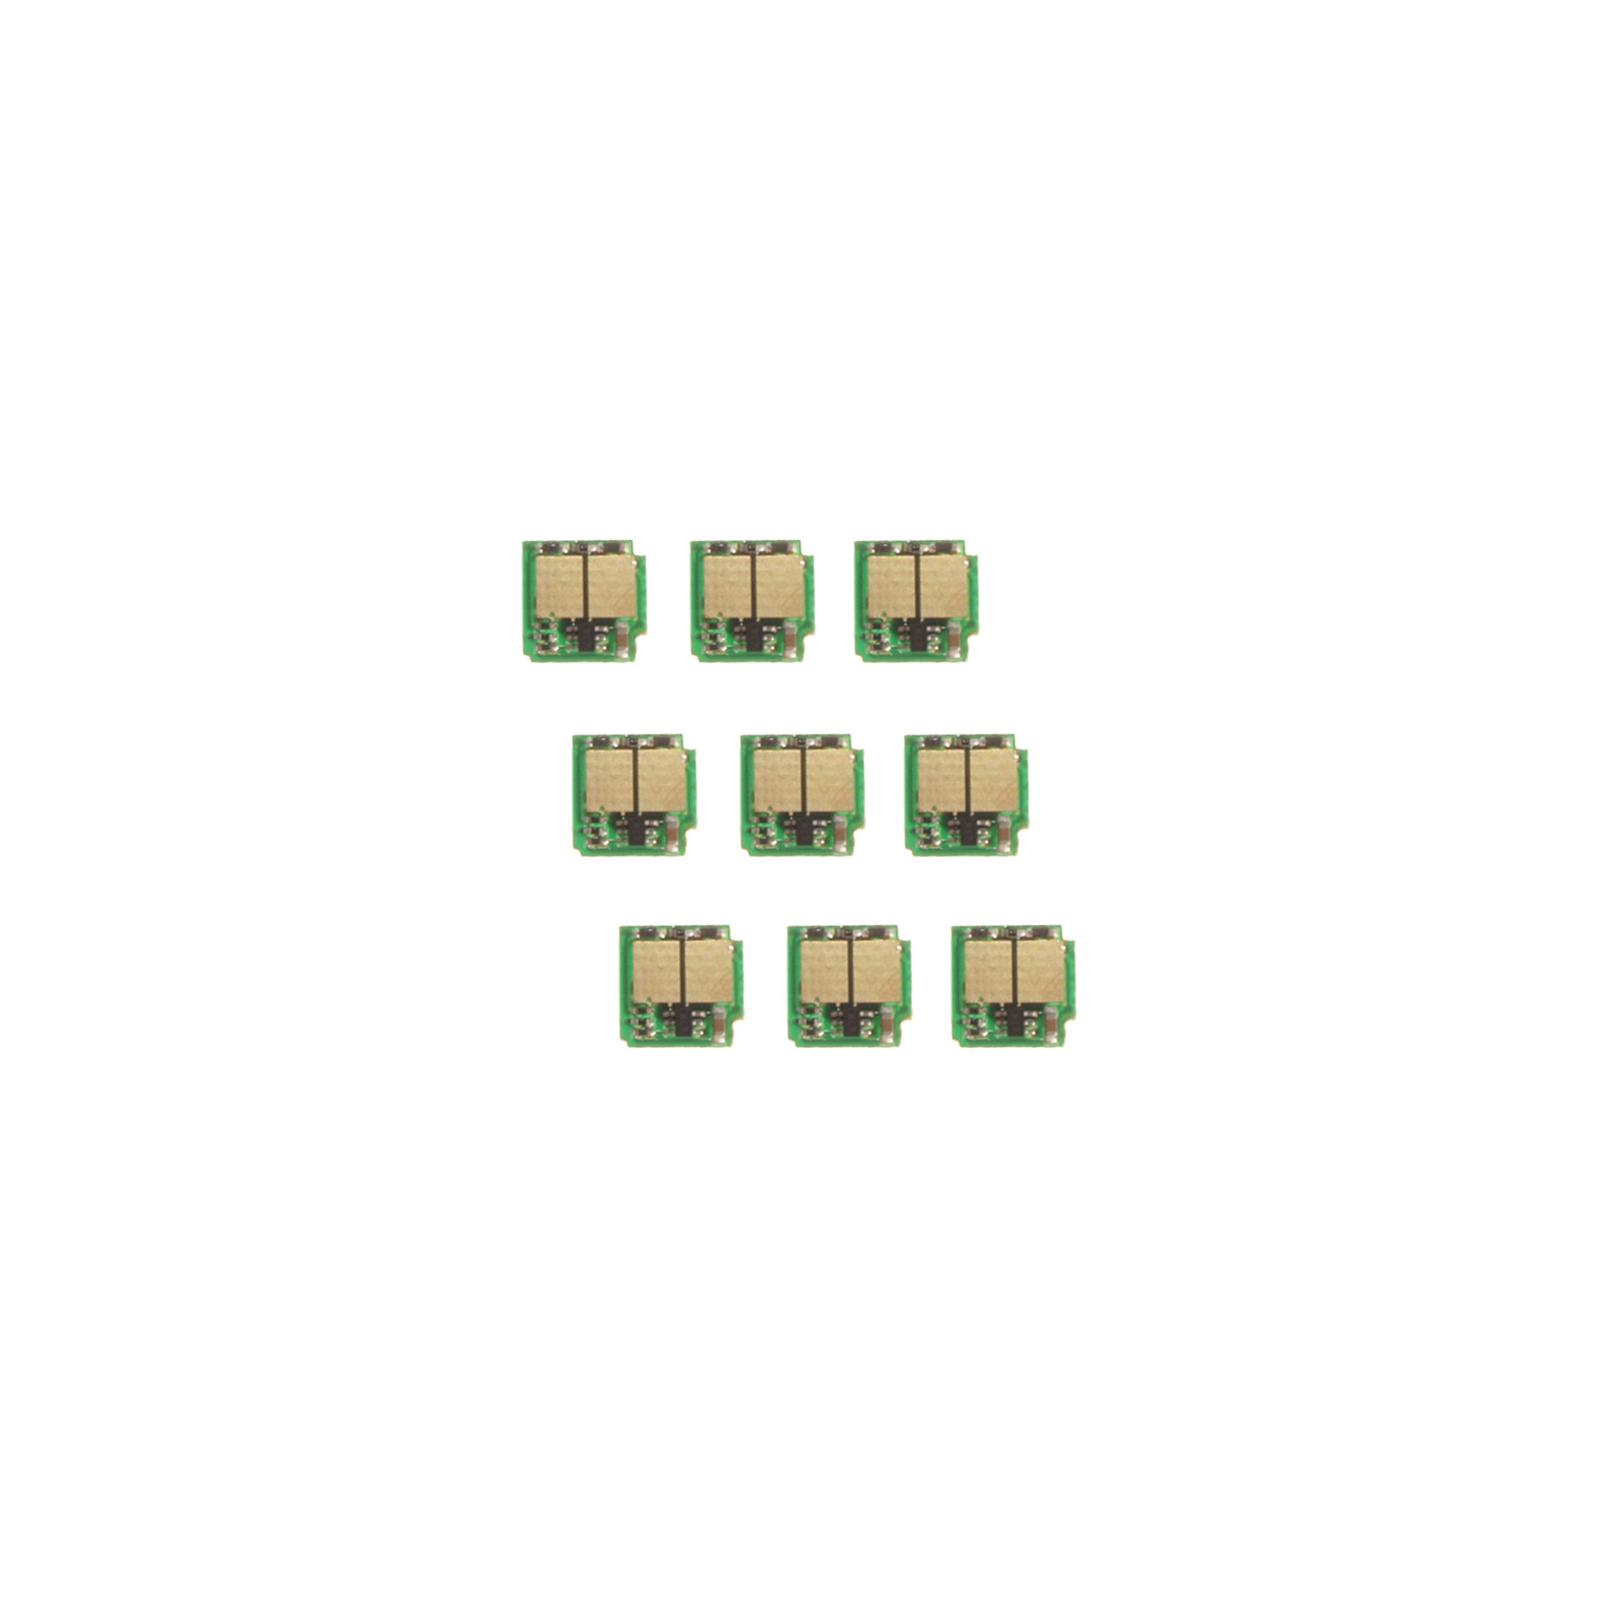 Чип для картриджа HP CLJ 3800/4700 Yellow WWM (CHC3800Y)